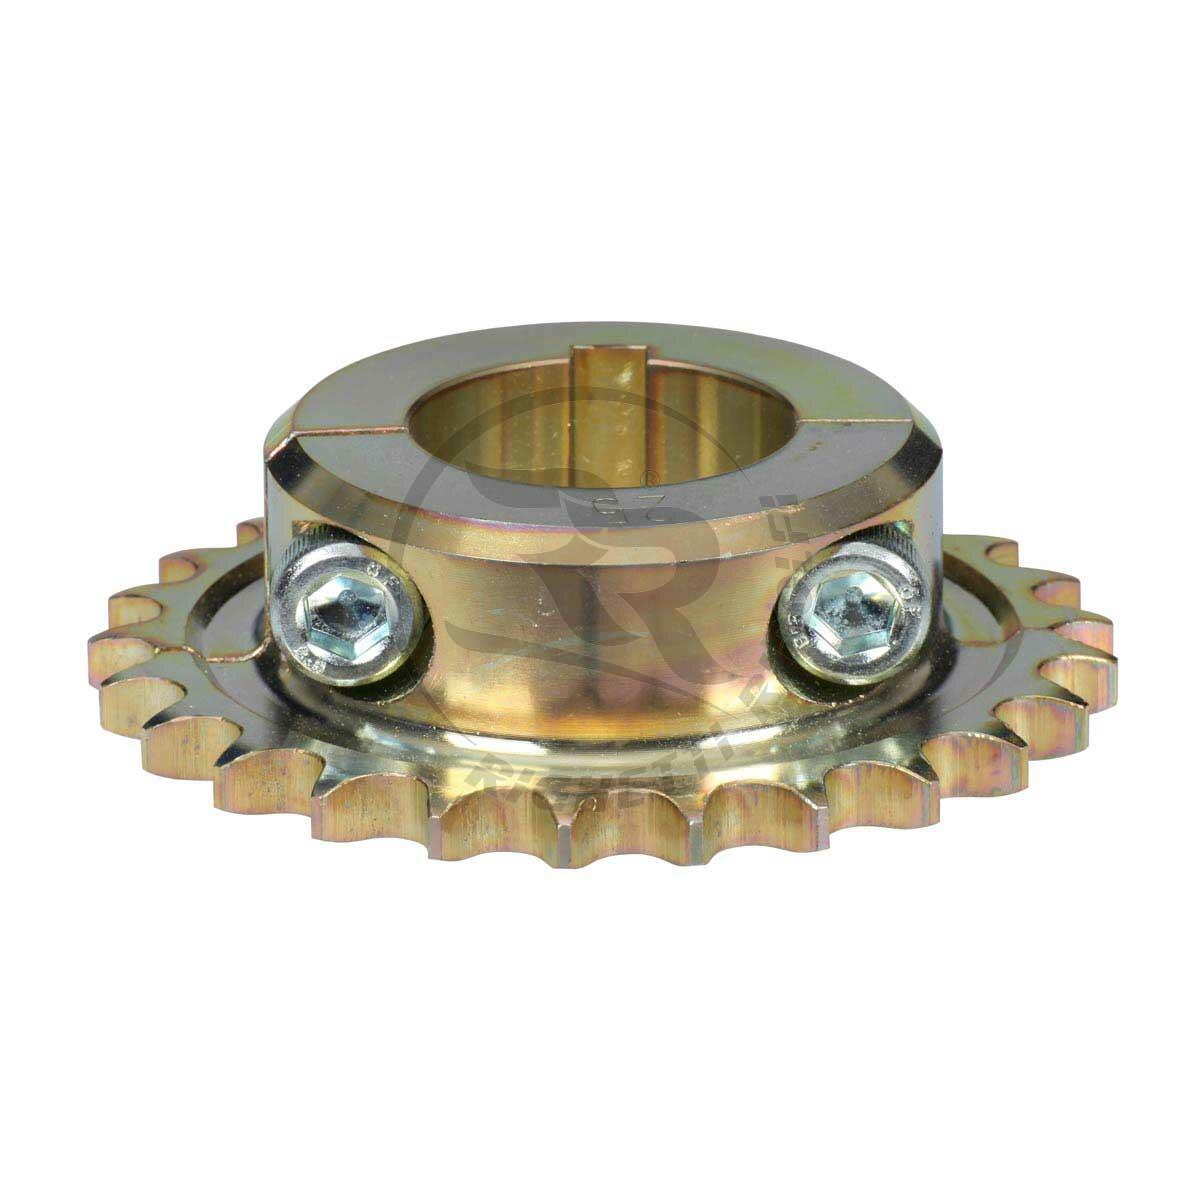 KZ GEARBOX Sprocket 21 to 30 (428), Steel, AXLE 40mm - Key 8mm